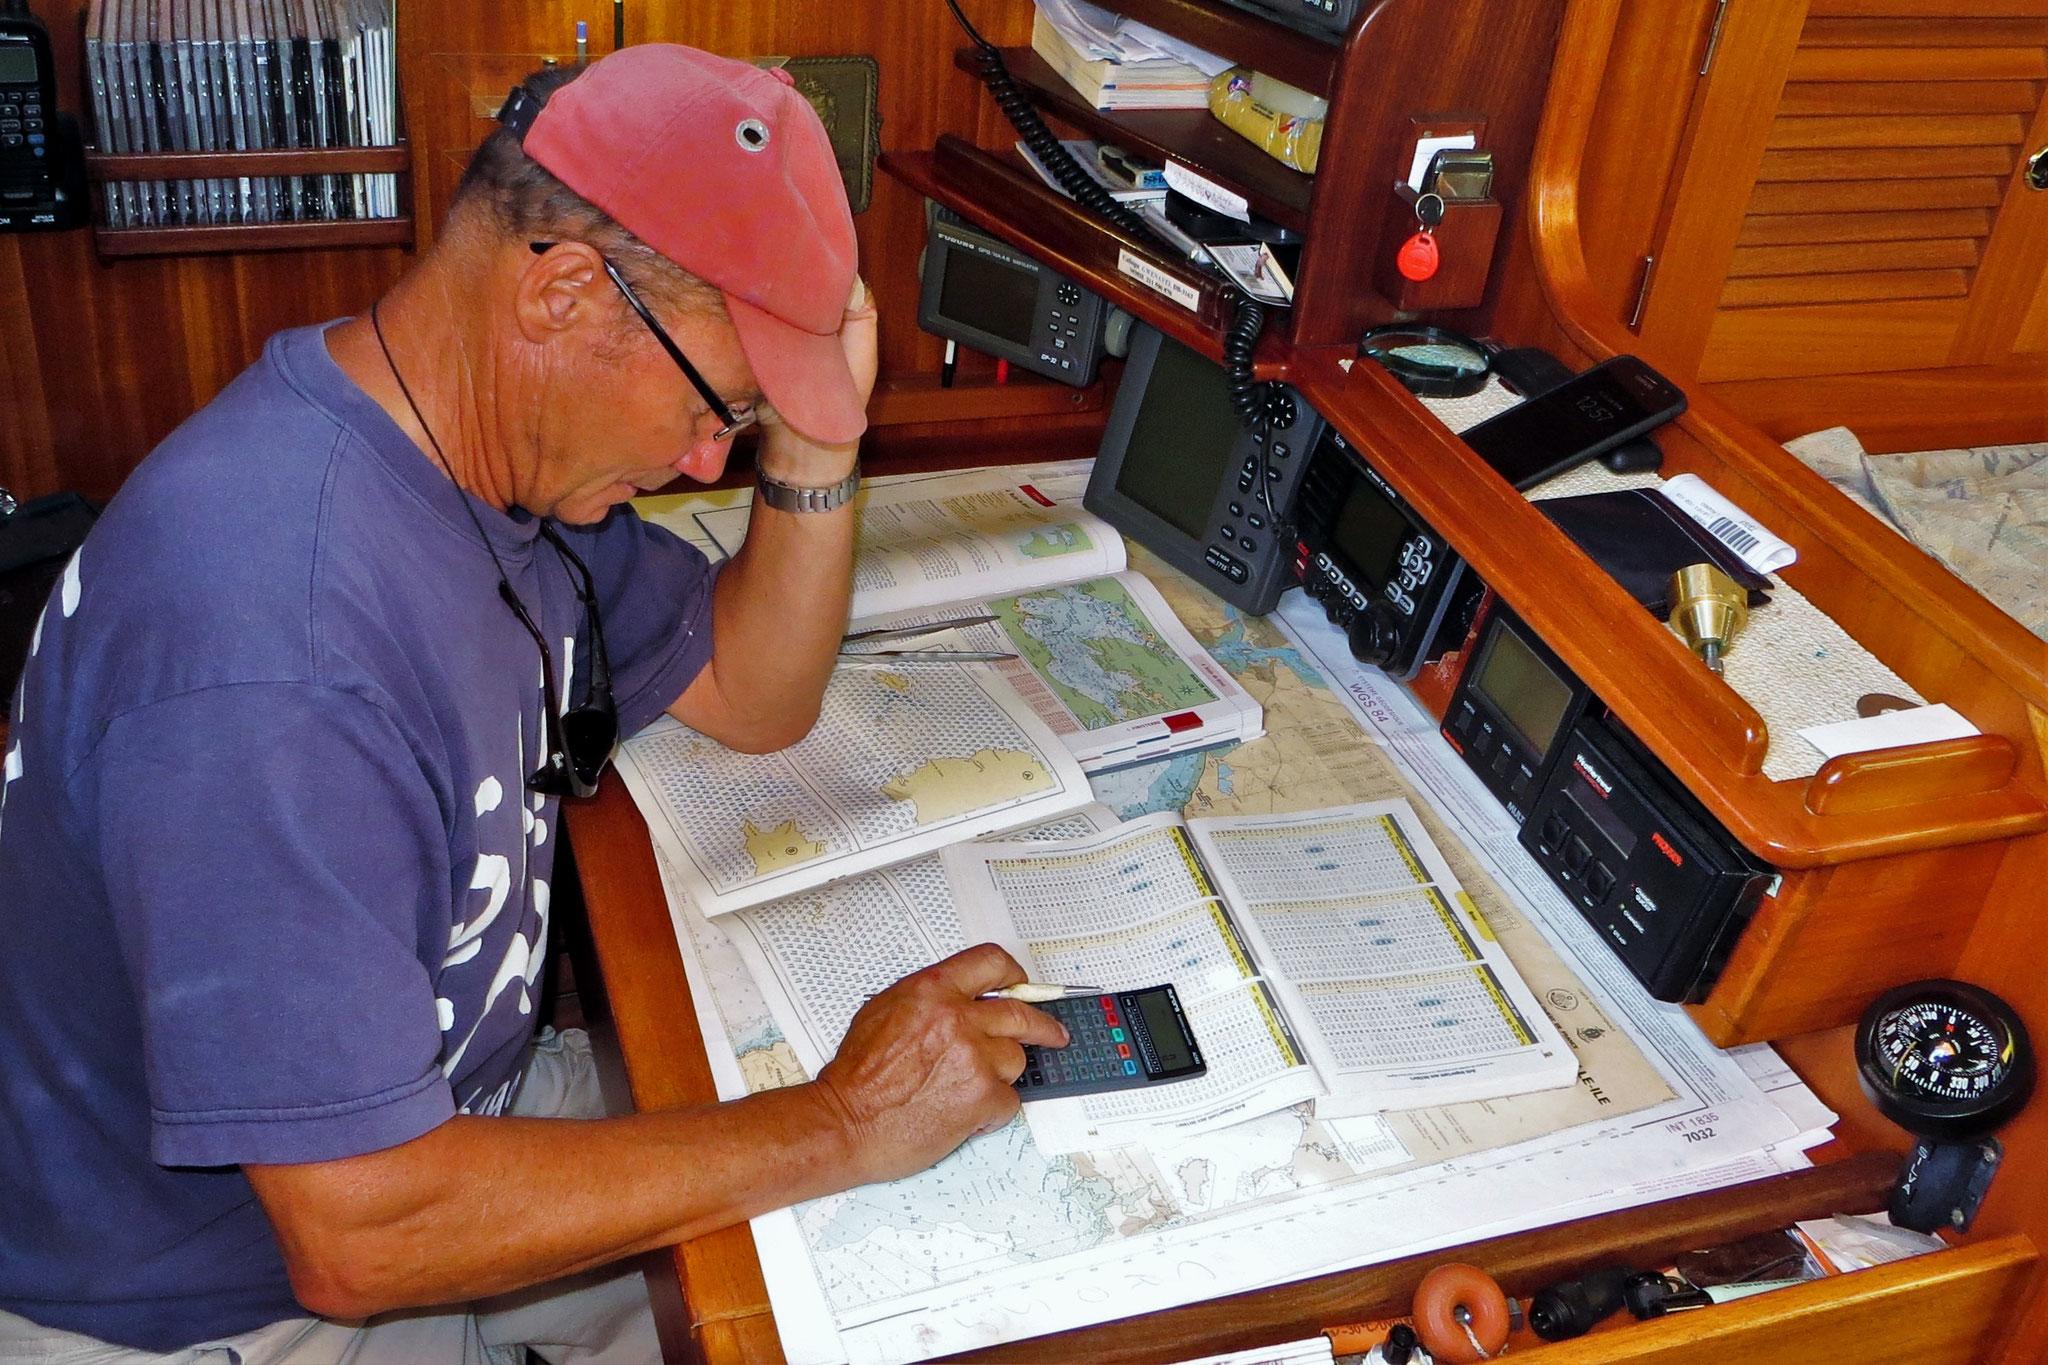 Segeln in Gezeitengewässern erfordert meist eine gute Vorbereitung am Kartentisch